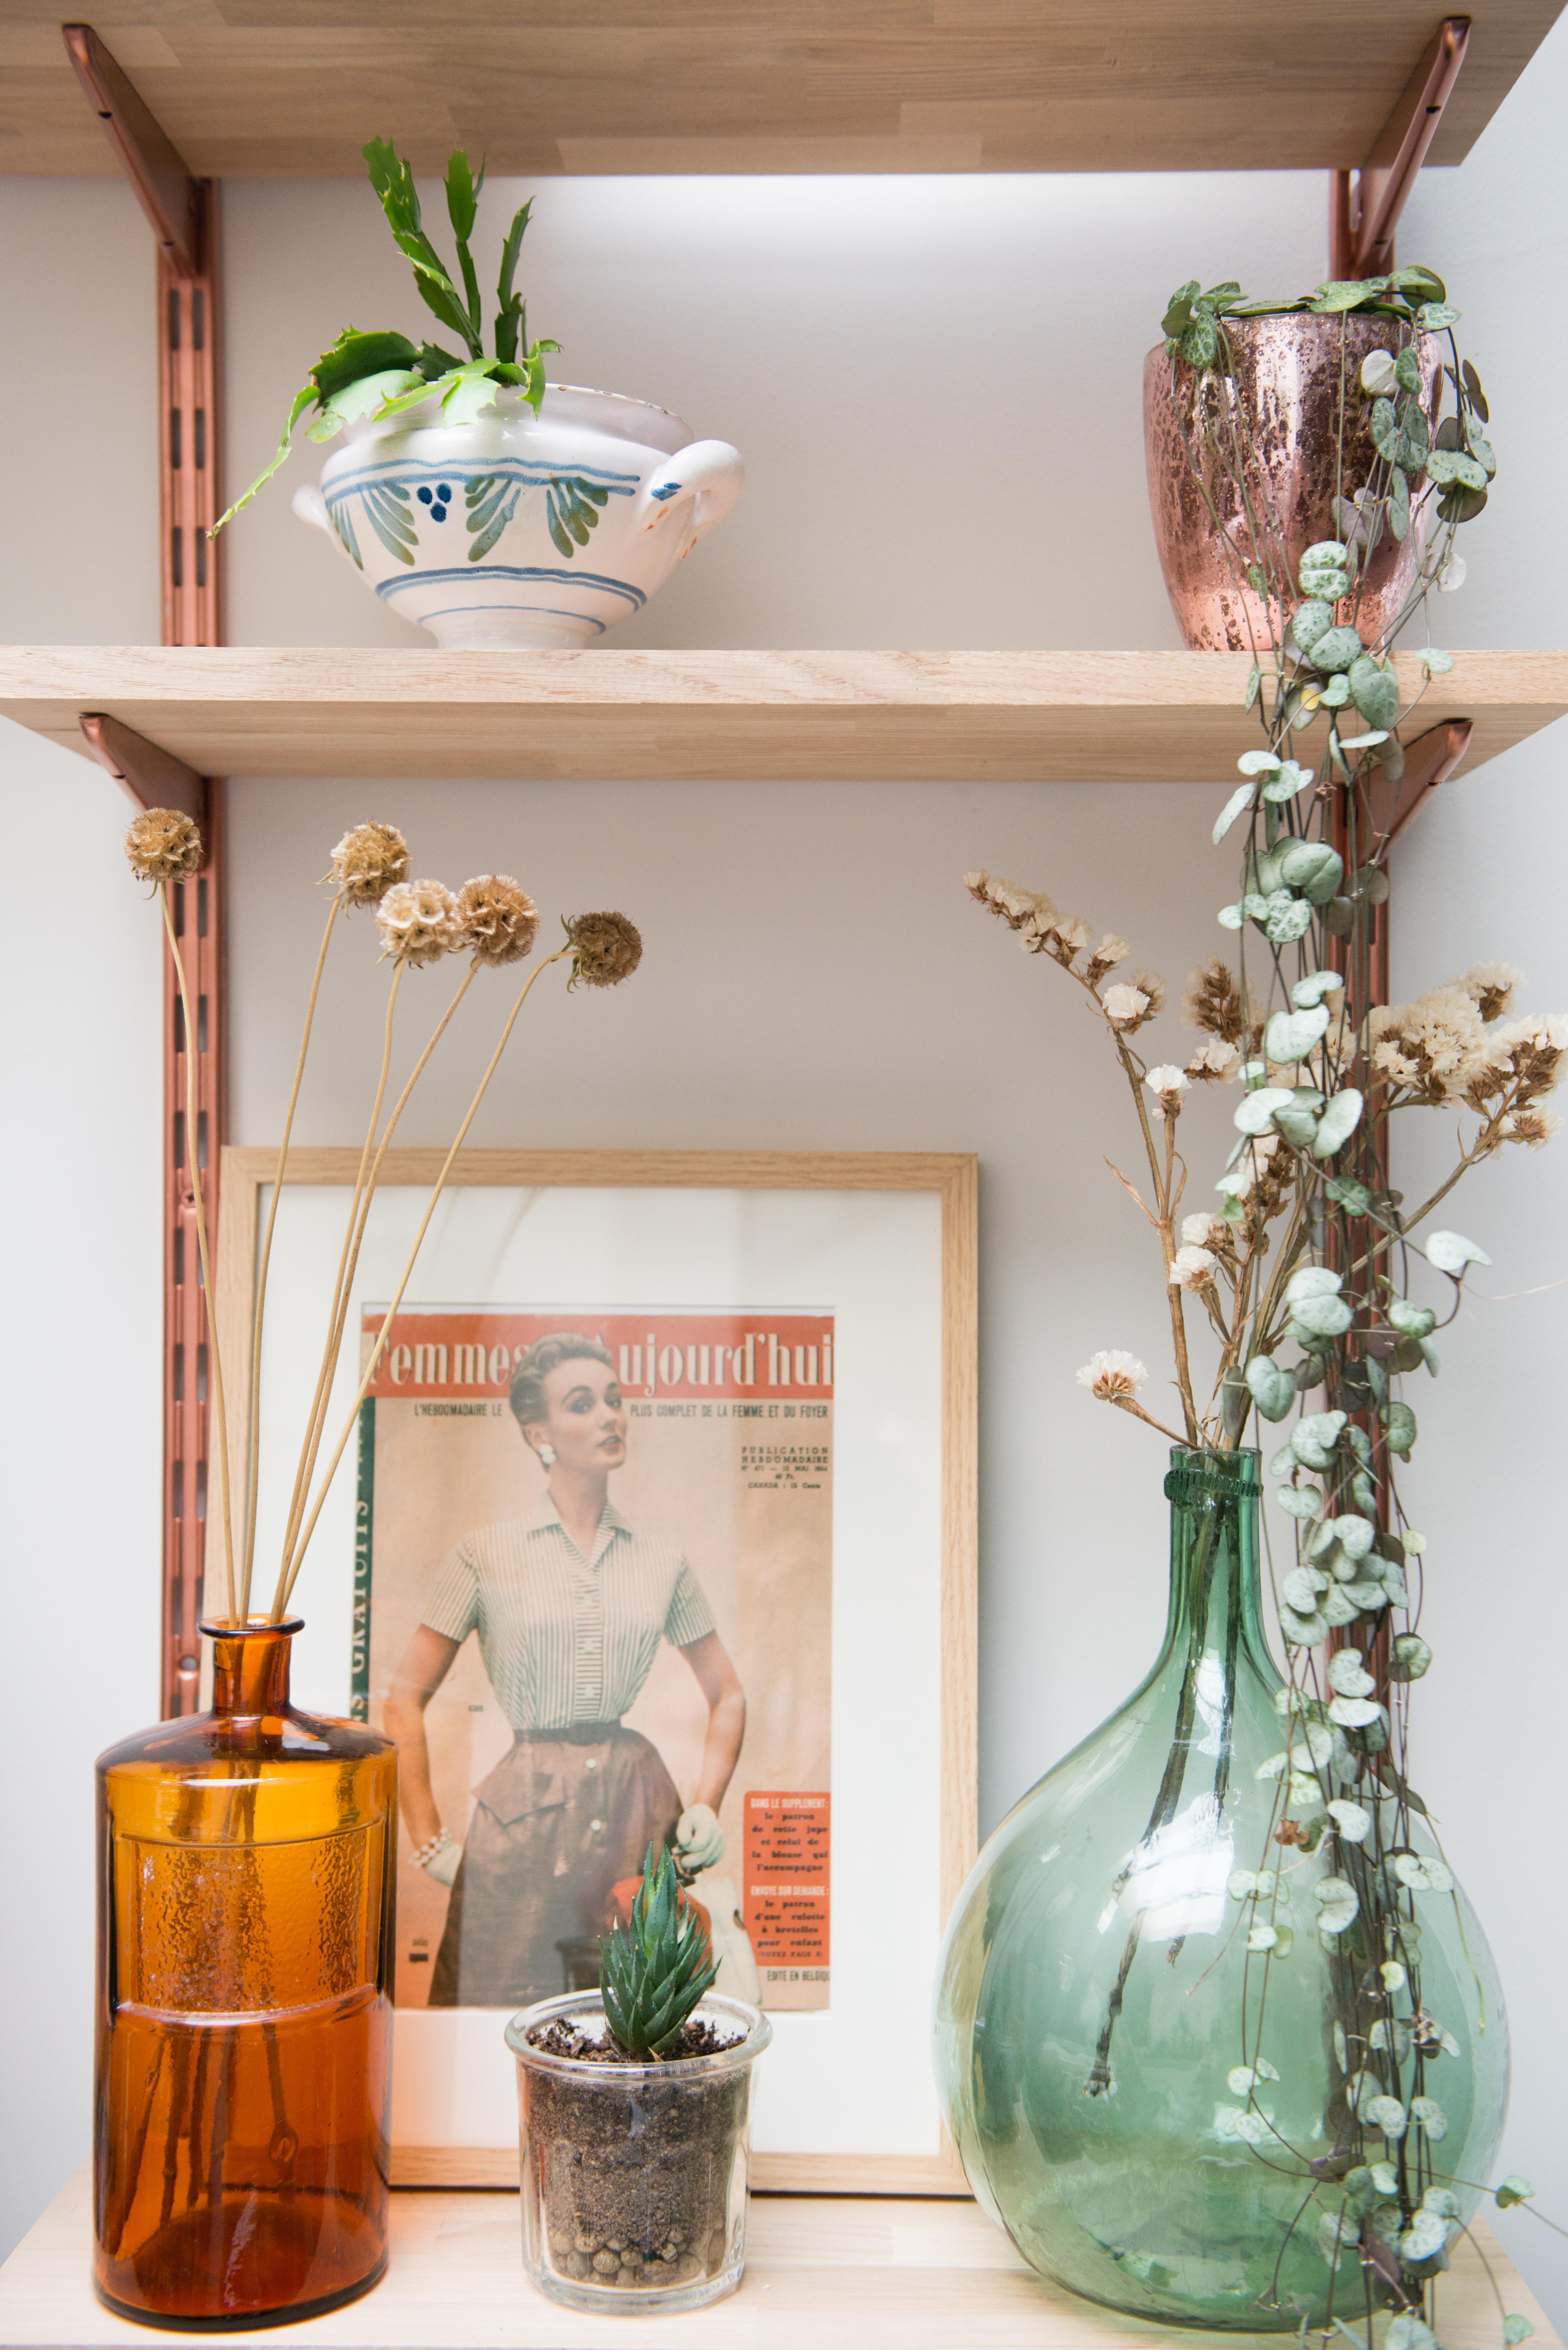 décoration végétale étagère murale plantes vertes fleurs séchées pots vintage